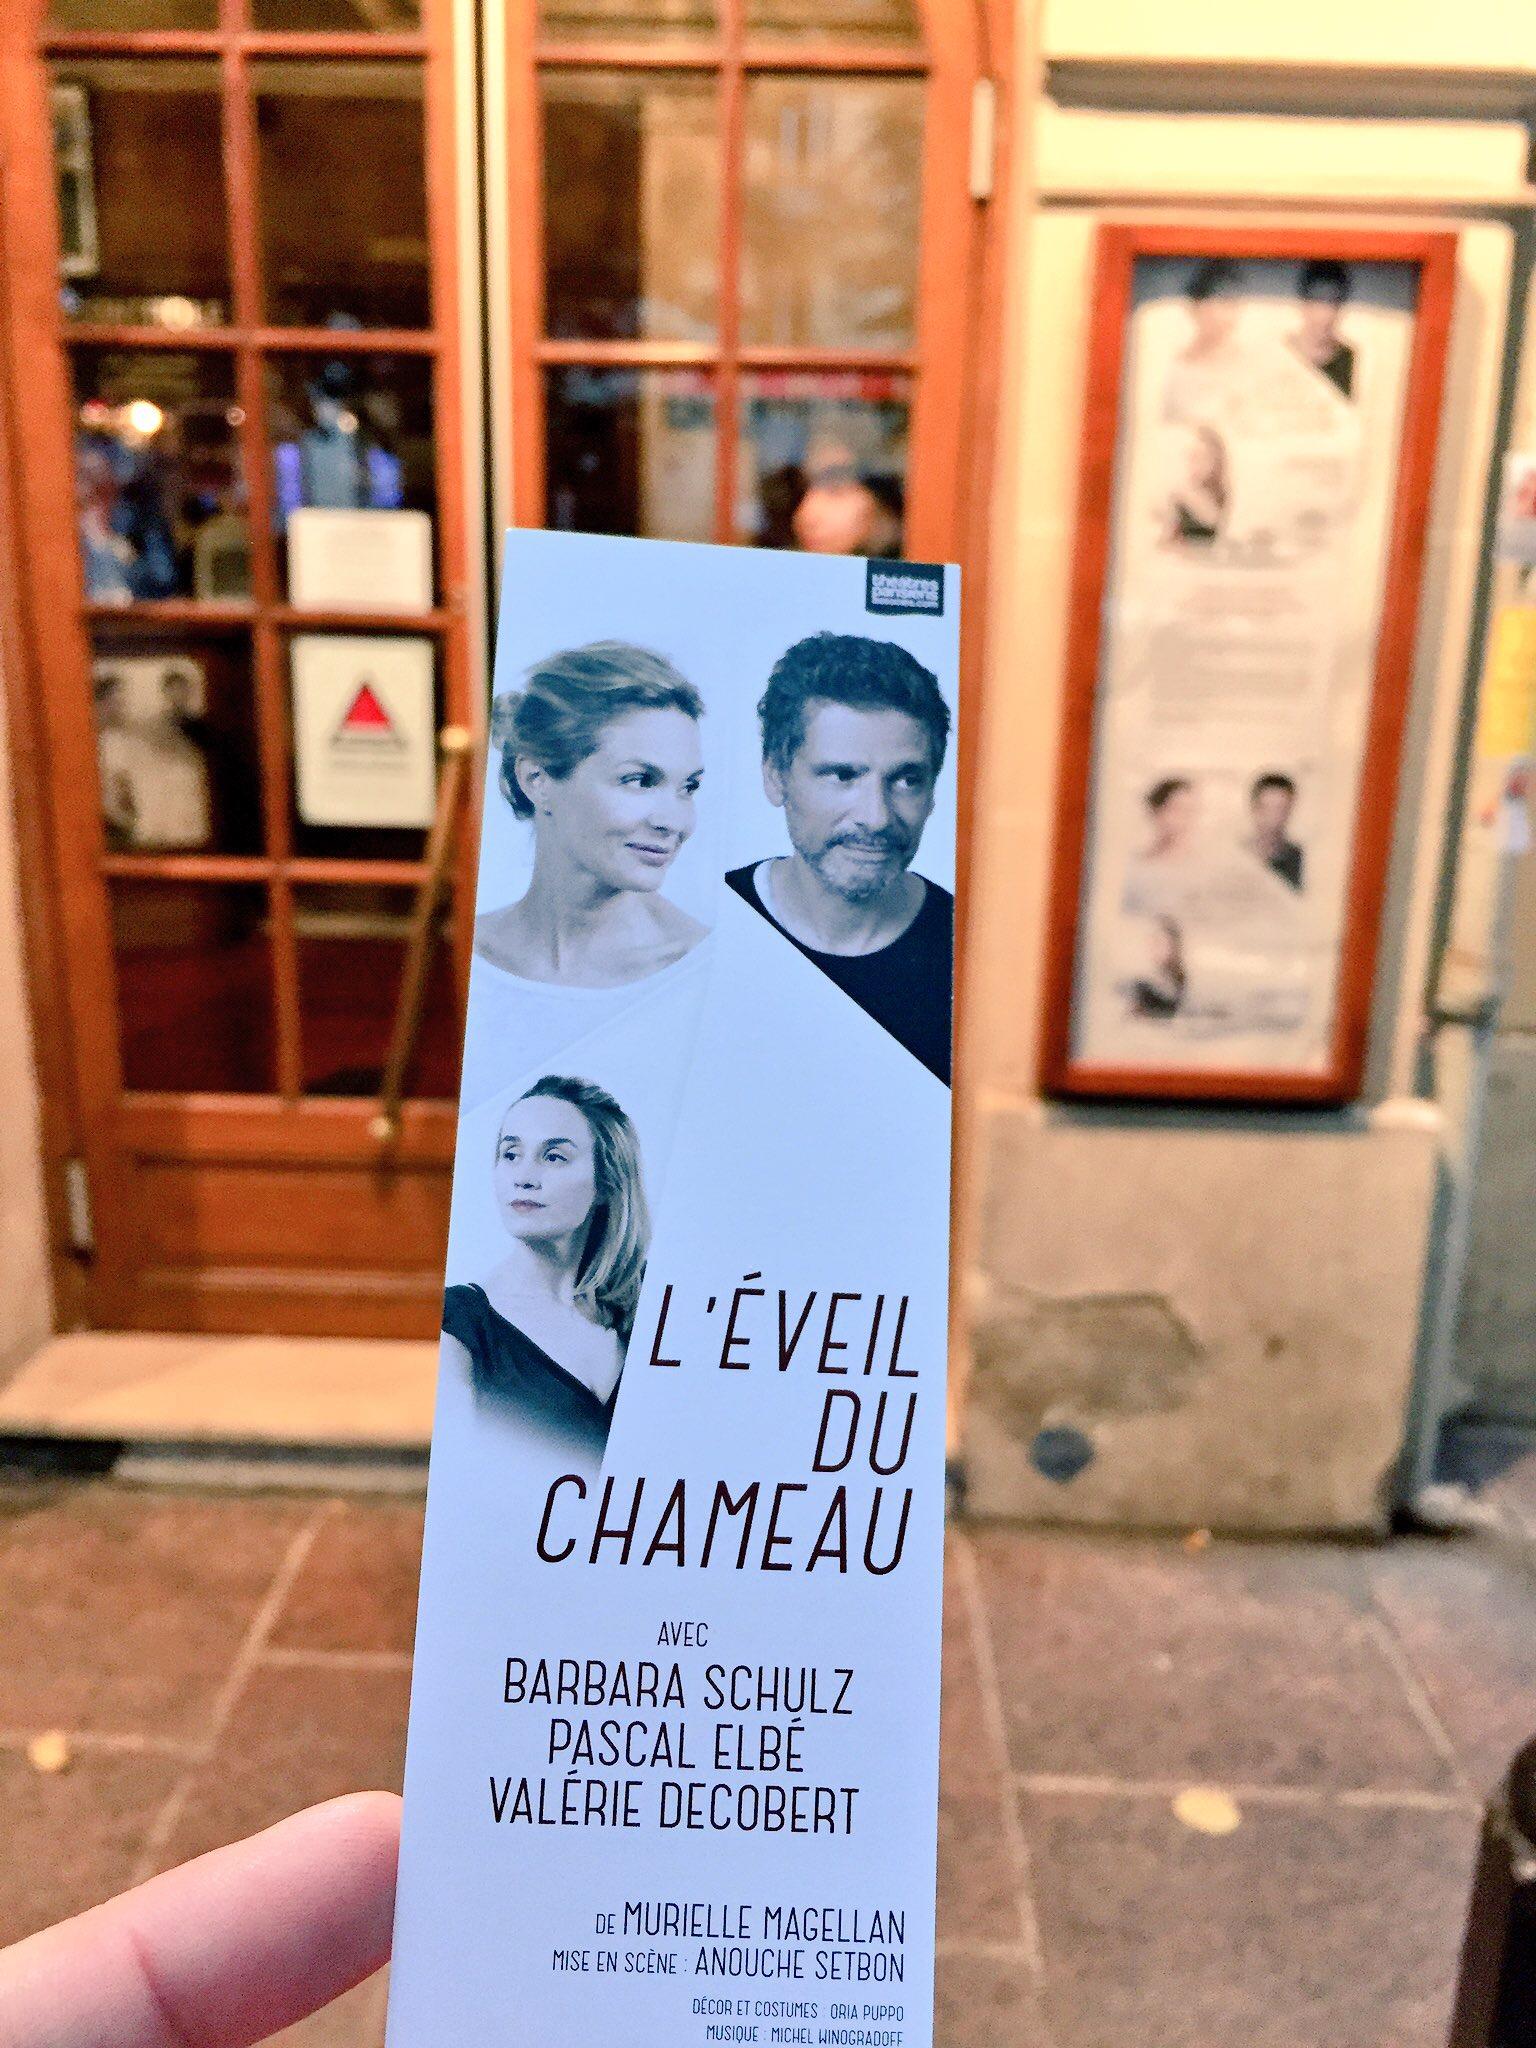 affiche-l-eveil-du-chameau-avec-barbara-schulz-pascal-elbe-valerie-decobert-de-muriel-magellan-theatre-de-l-atelier-paris-phoot-usofparis-blog